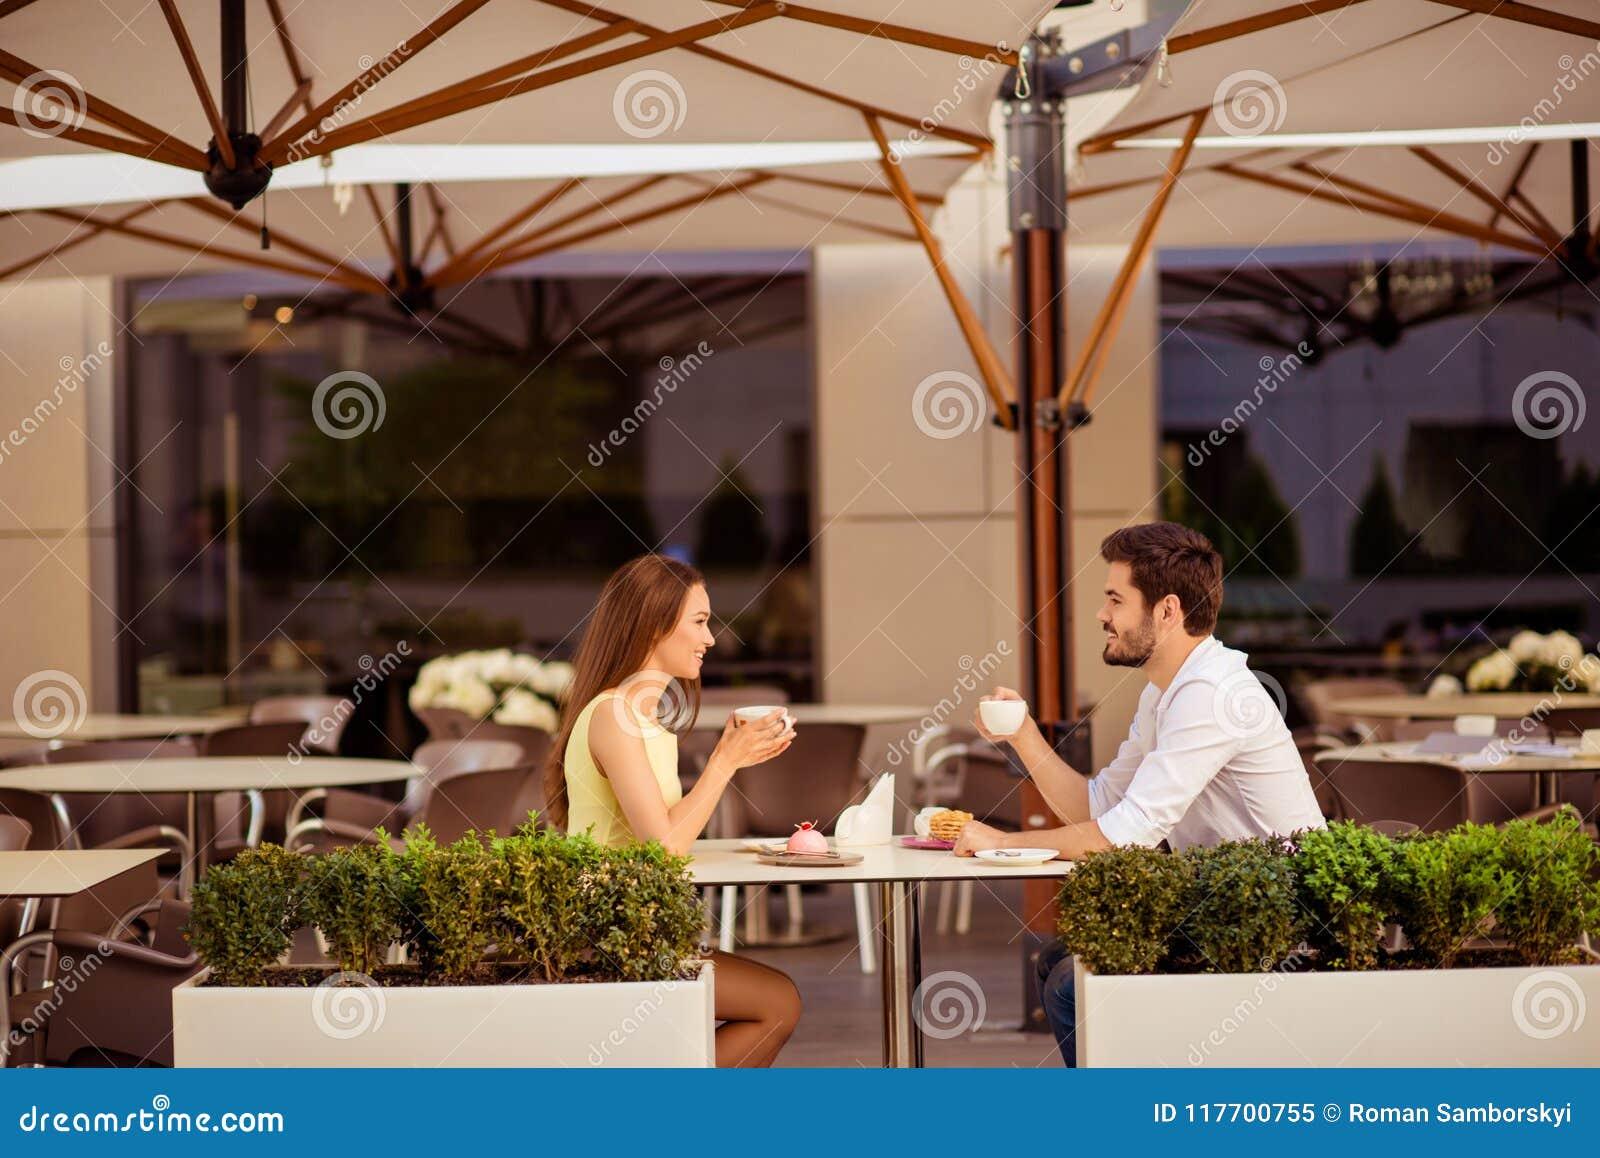 Szczęśliwa para małżeńska jest na miodowej księżyc, mieć śniadanio-lunch w ładnej kawiarni z nowożytnym wnętrzem, lekki lato tara